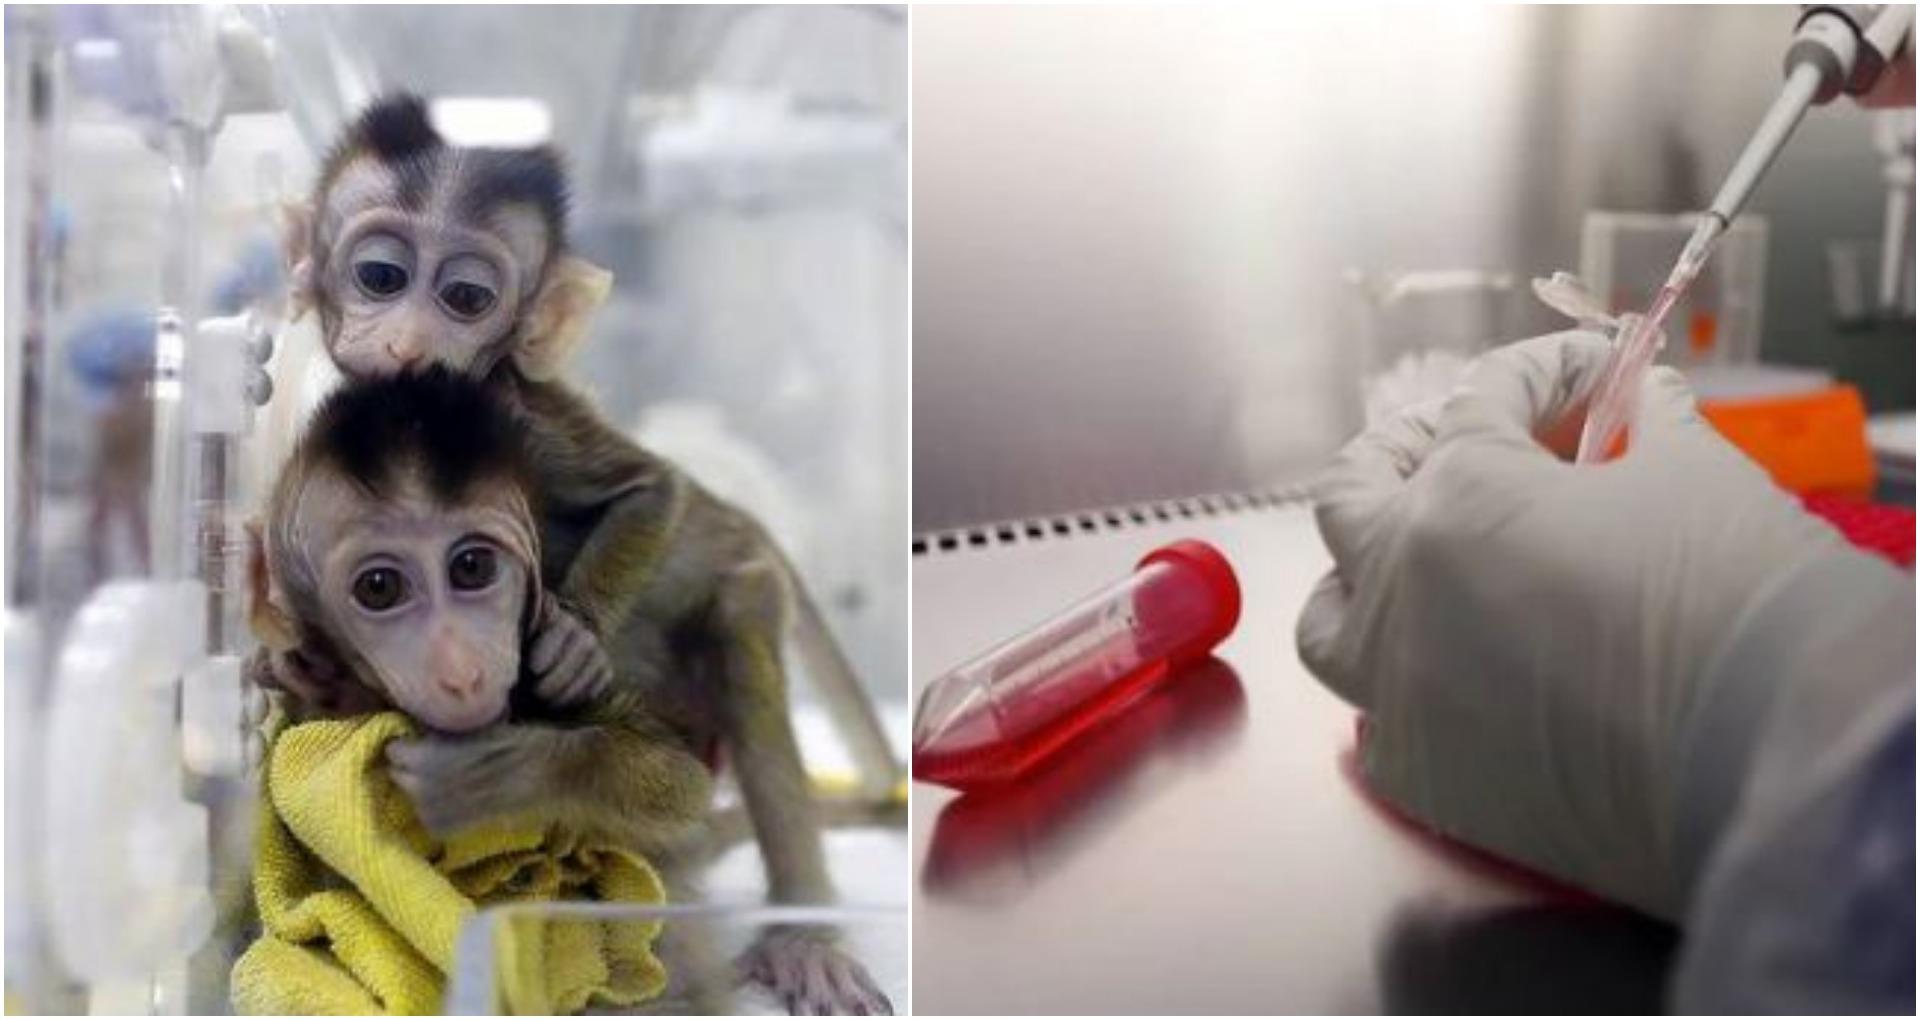 कोरोना संकट में अच्छी खबर आई सामने, इस देश ने बनाई Corona वैक्सीन, बंदरों पर किया सफल परीक्षण